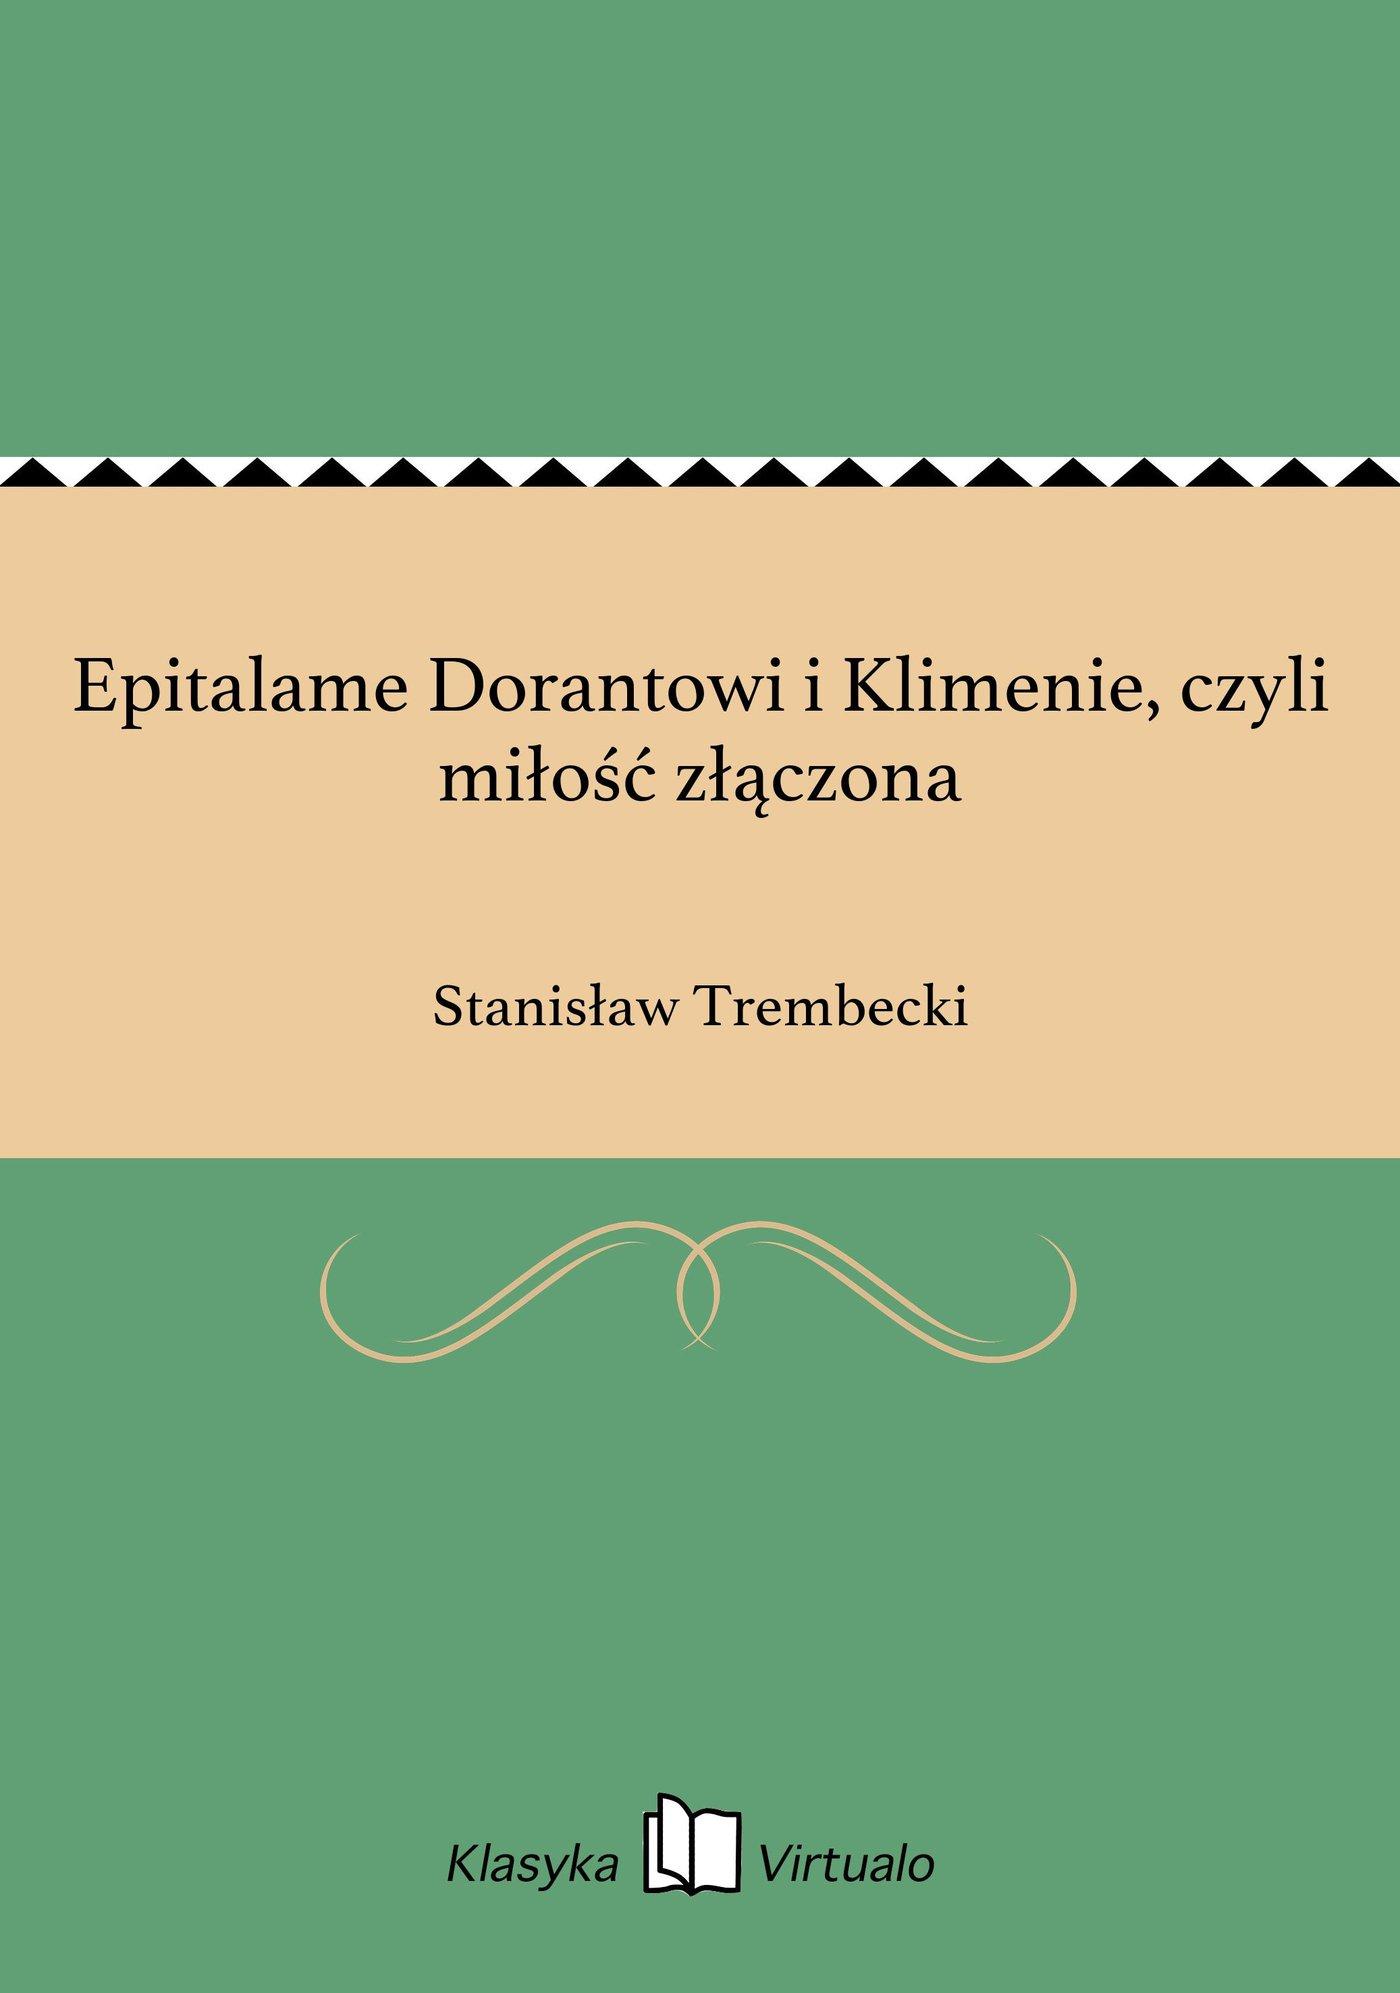 Epitalame Dorantowi i Klimenie, czyli miłość złączona - Ebook (Książka na Kindle) do pobrania w formacie MOBI